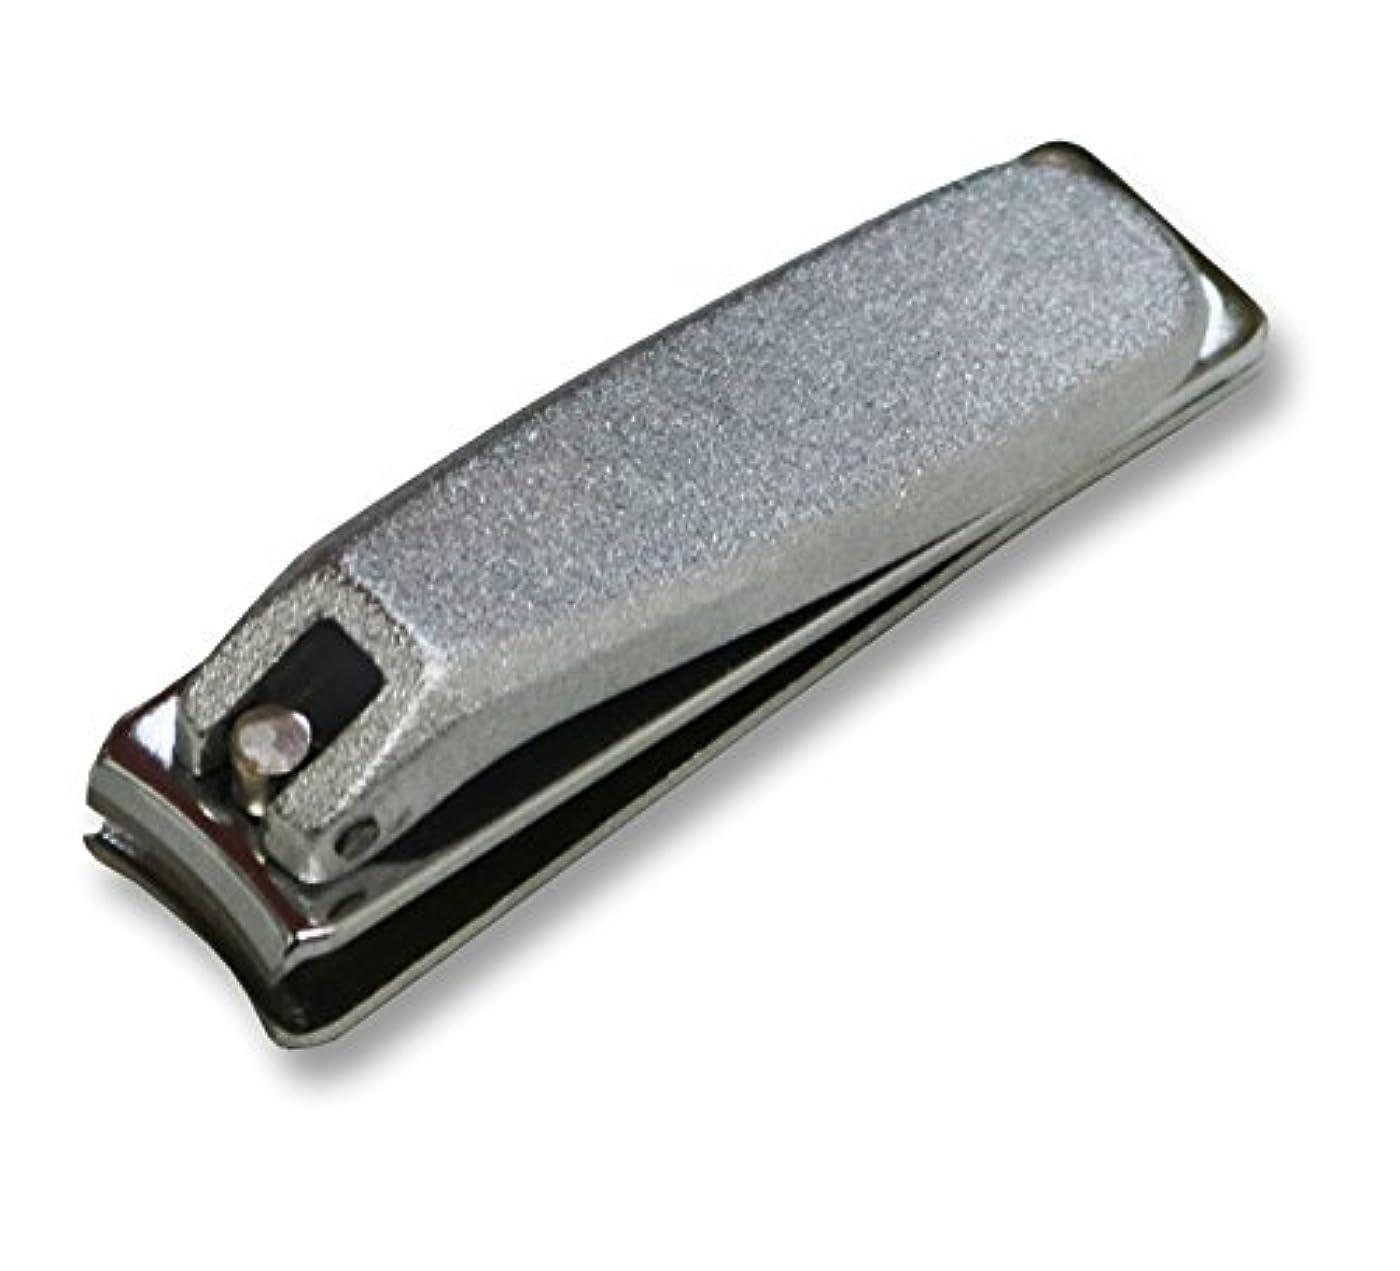 経過融合原稿KD-023 関の刃物 クローム爪切 小 カバー無